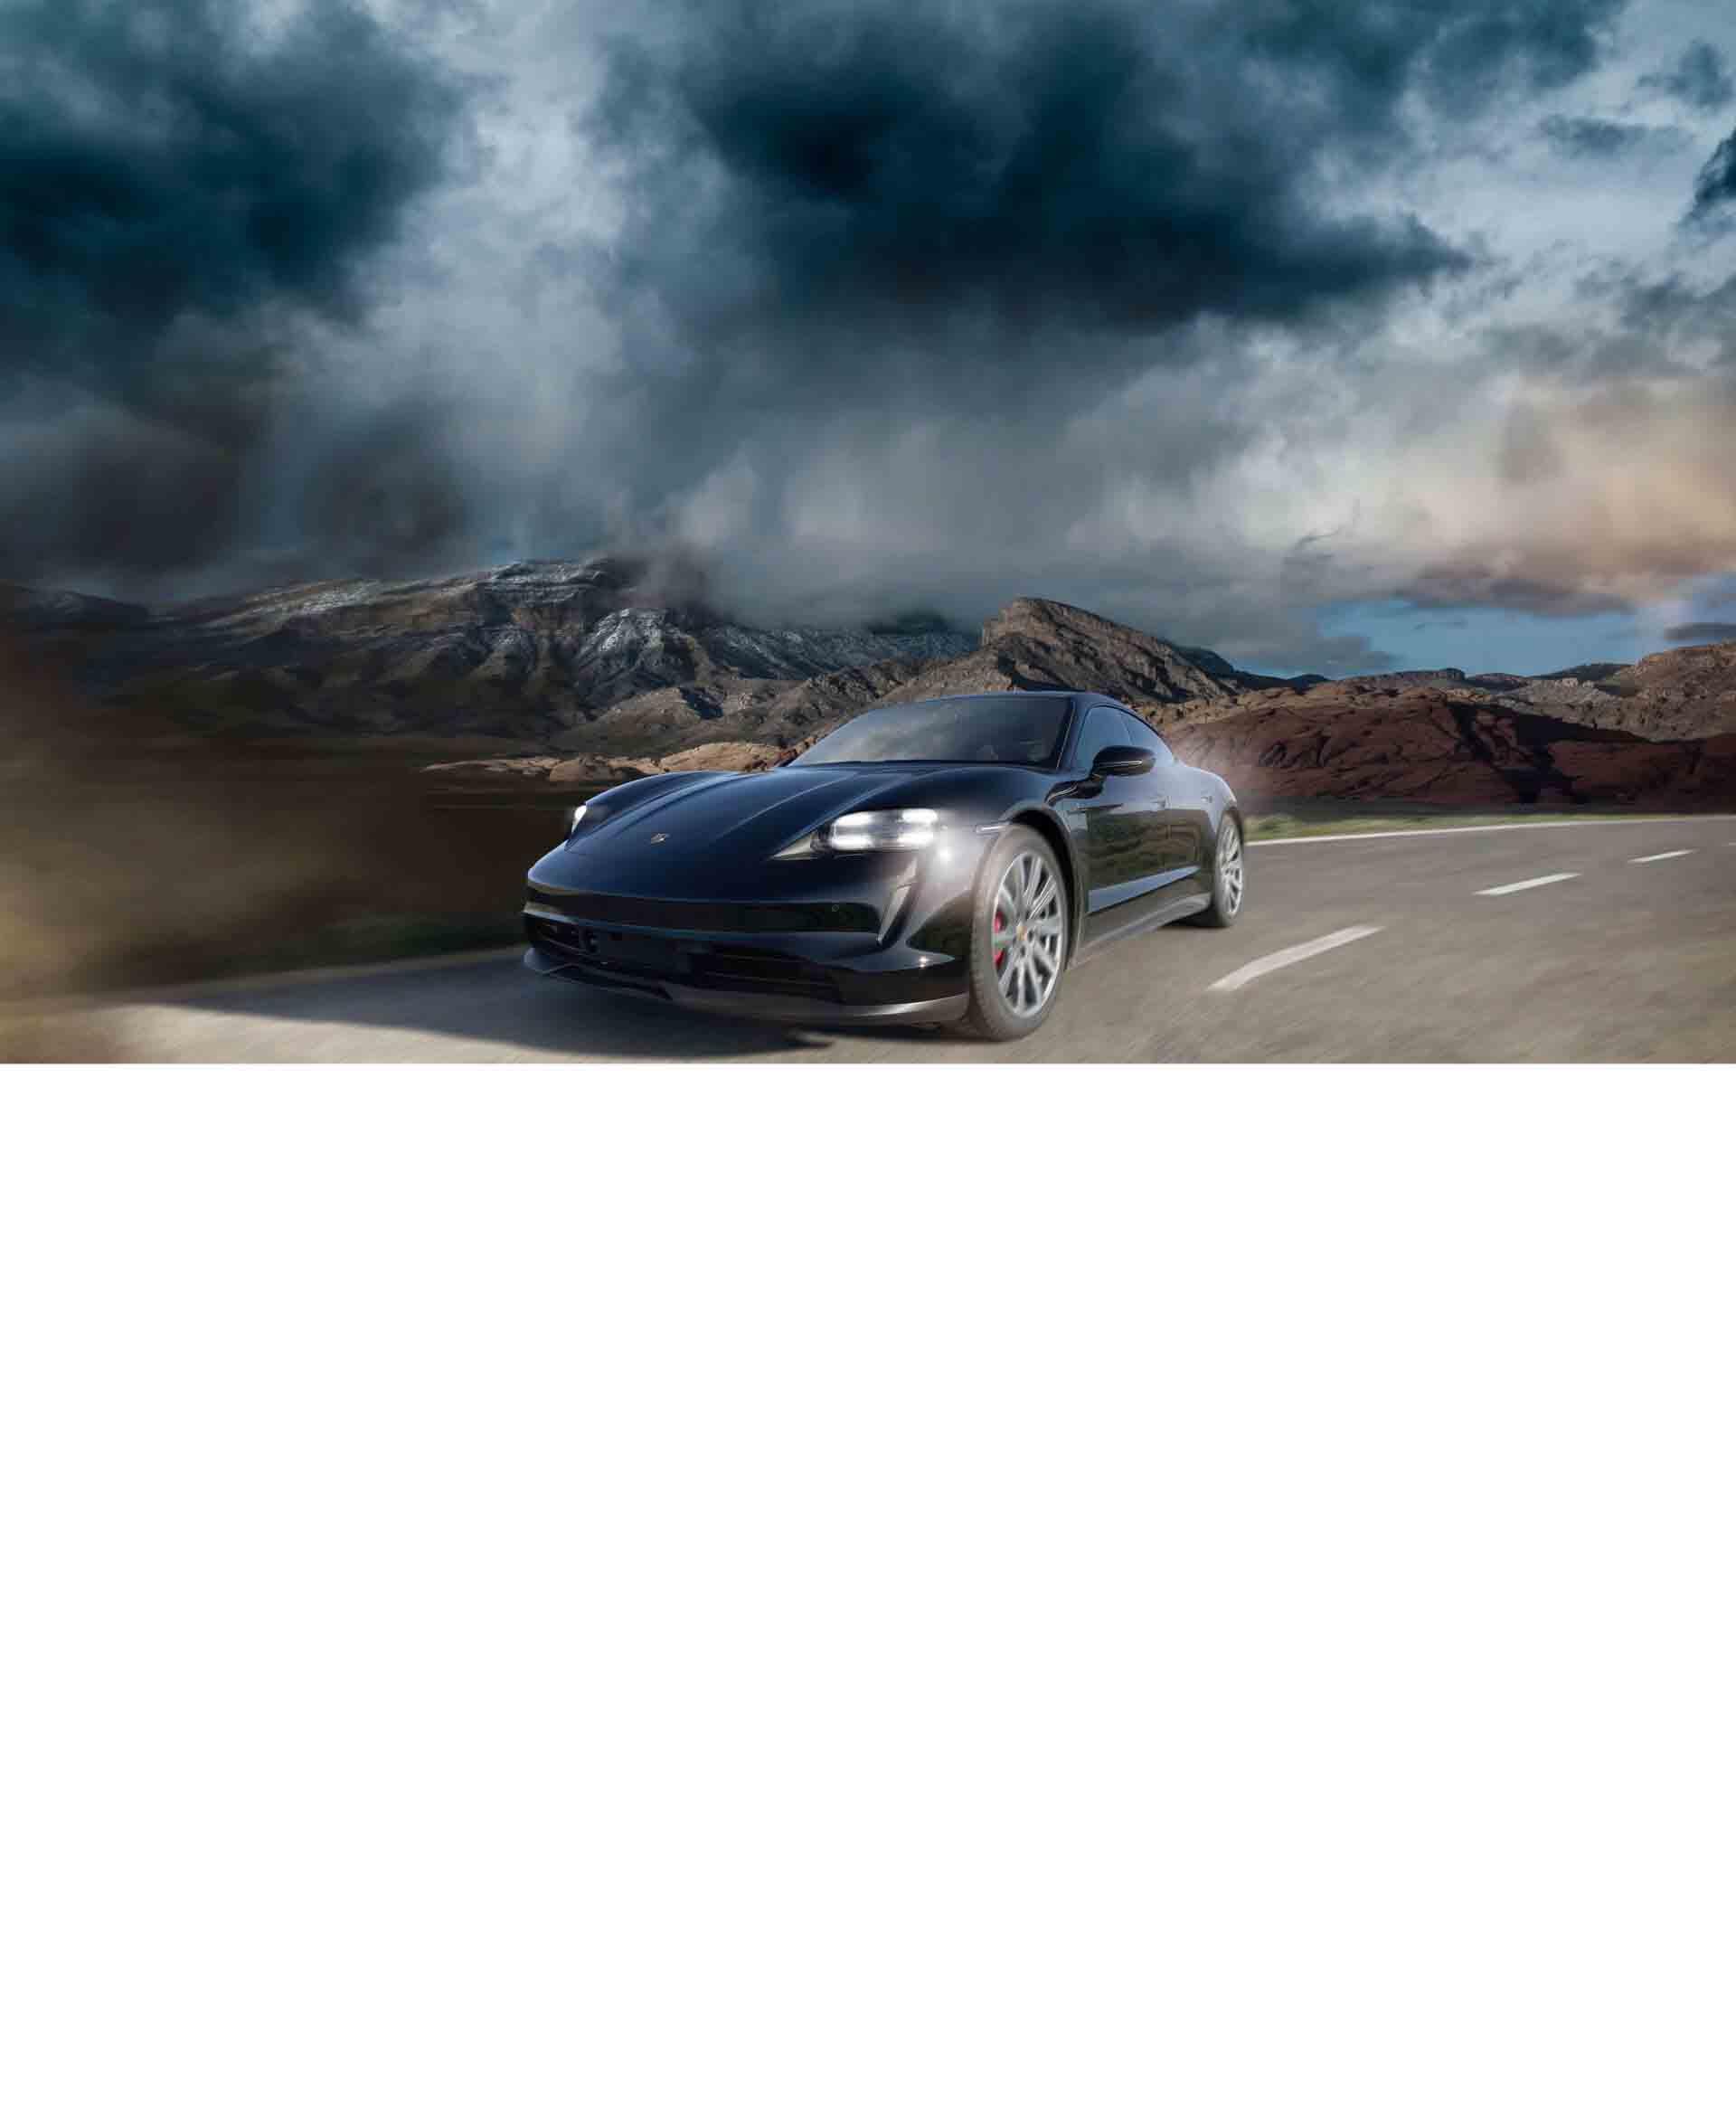 Markenidentifikation Porsche Taycan